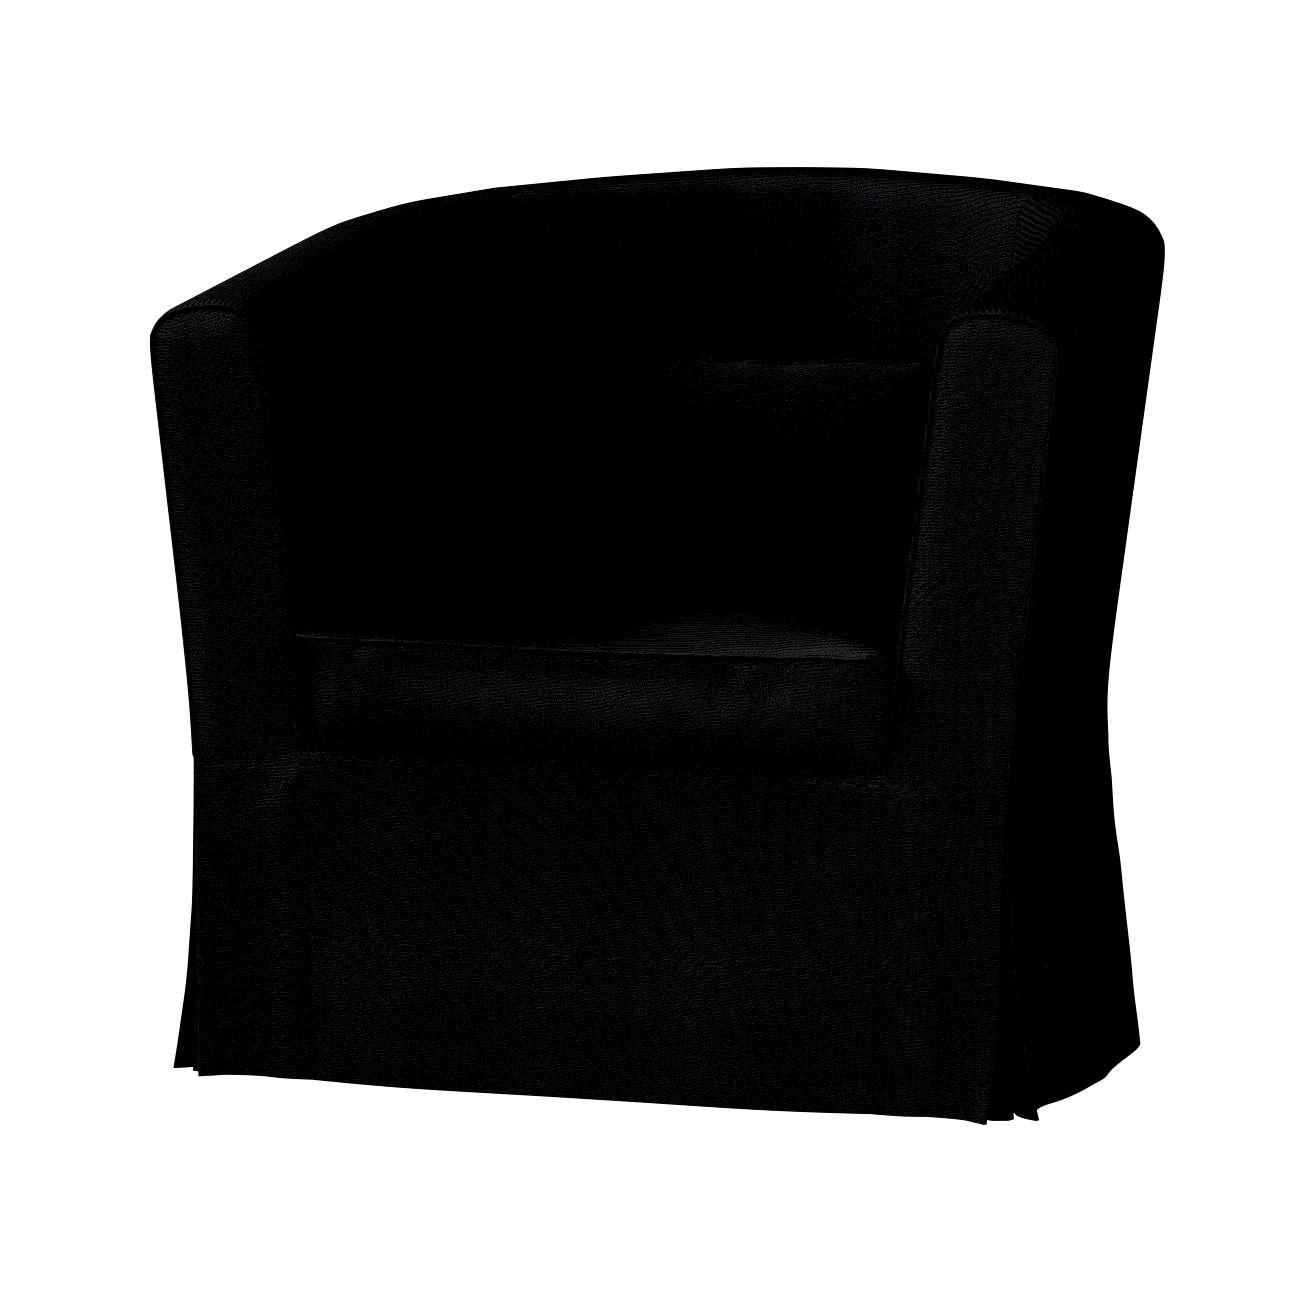 EKTORP TULLSTA fotelio užvalkalas Ektorp Tullsta fotelio užvalkalas kolekcijoje Etna , audinys: 705-00